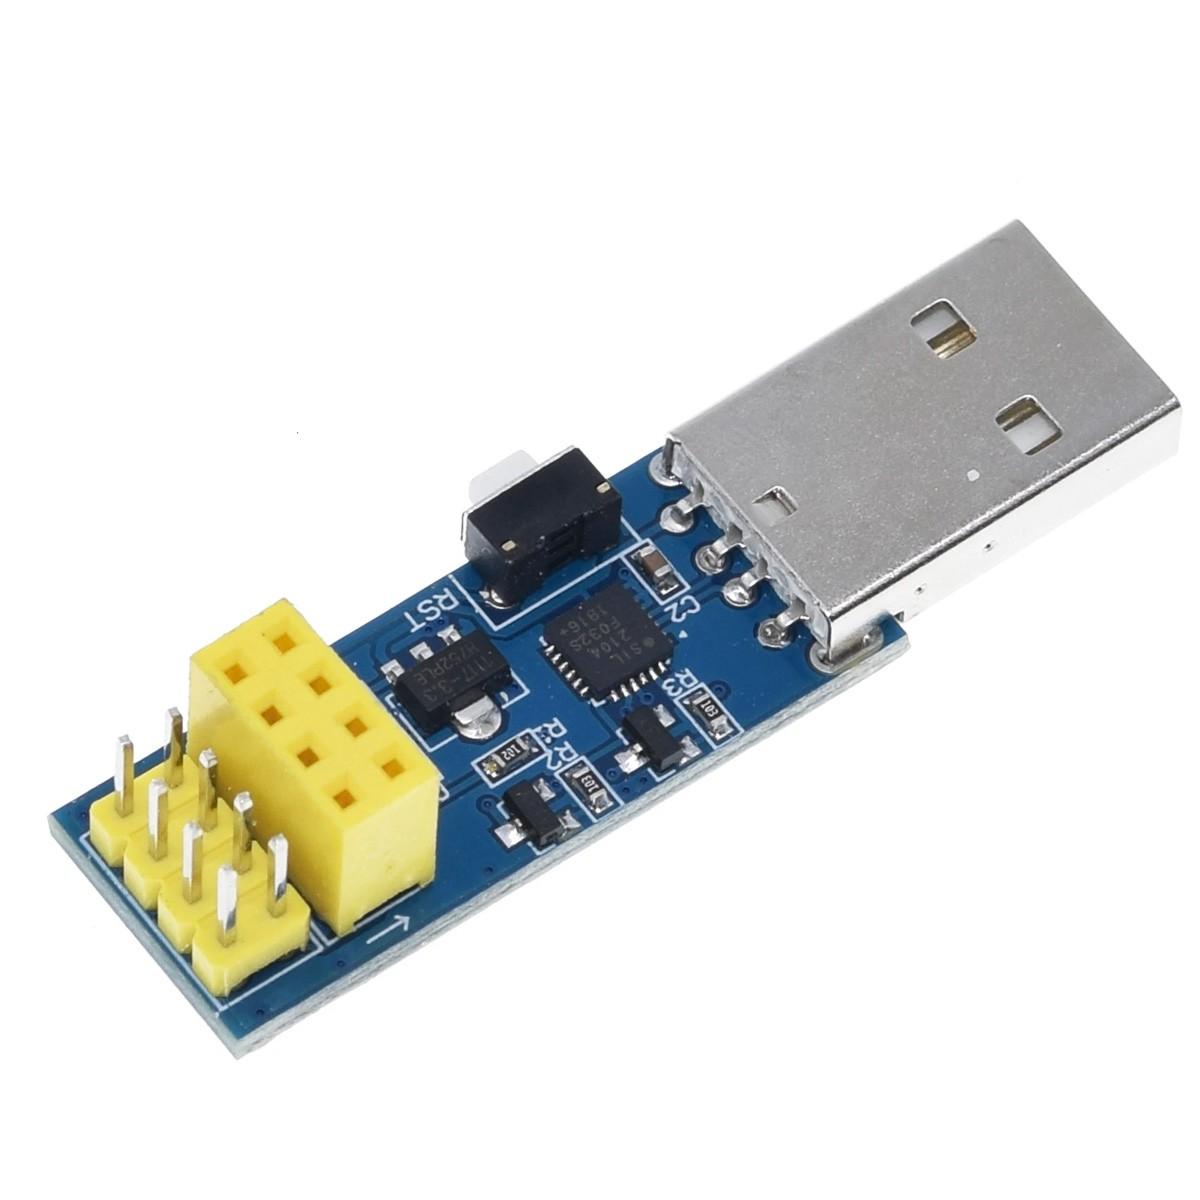 Adaptador Gravador USB para ESP8266 ESP-01 ESP-01S ESP LINK V1.0 com botão